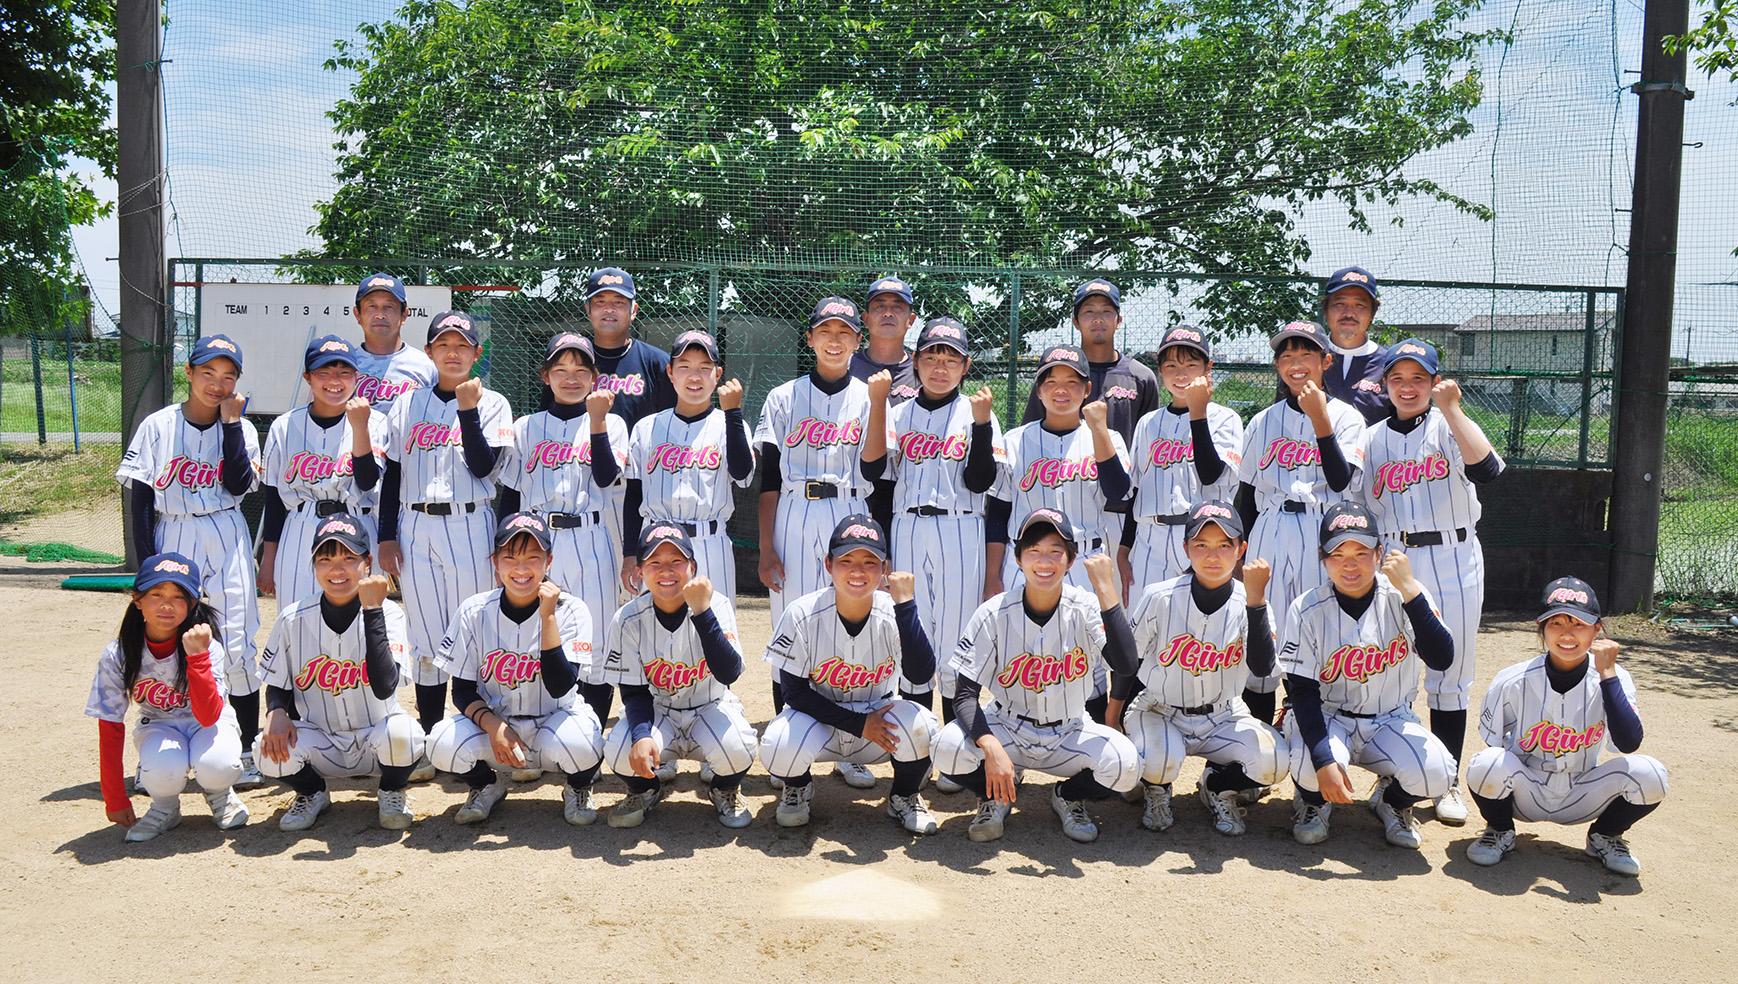 記事 中学生女子軟式野球チーム「J ガールズ神戸」のアイキャッチ画像